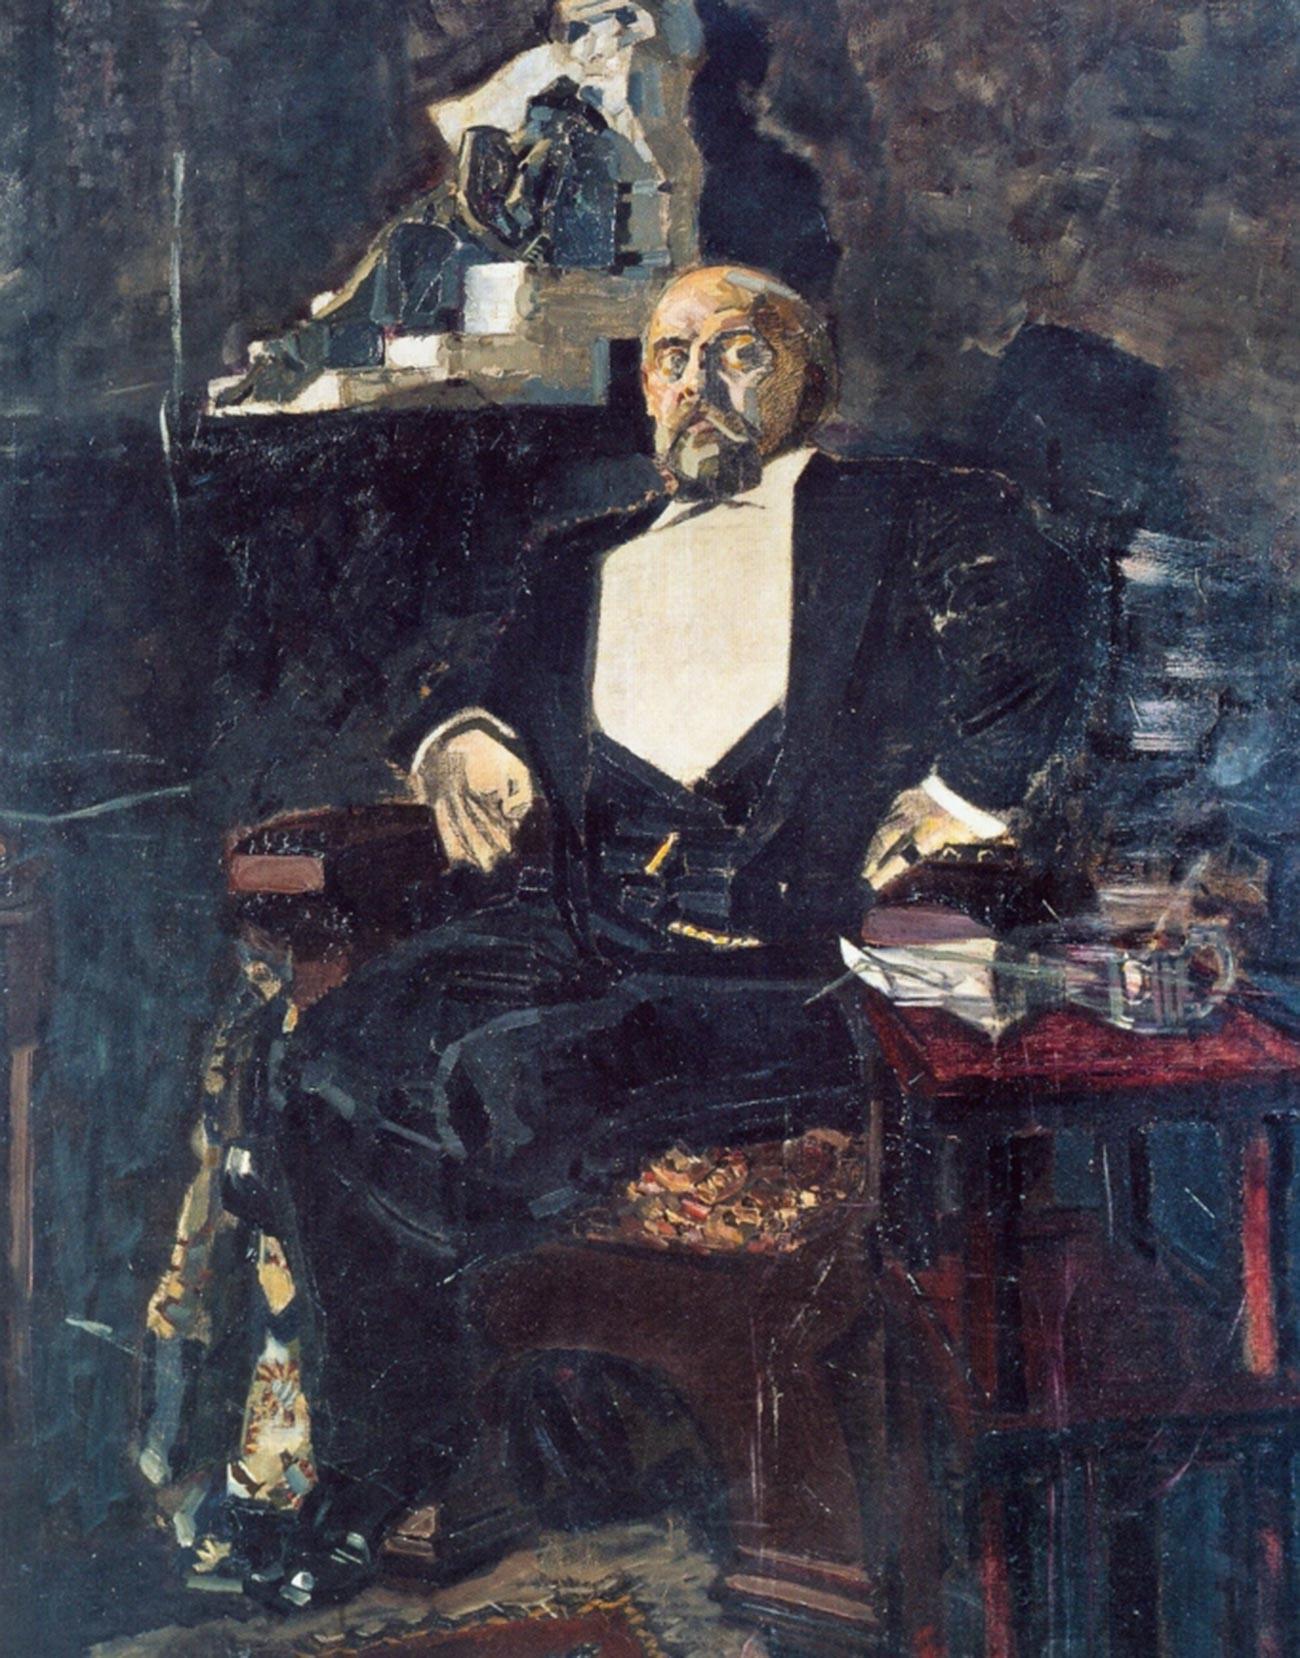 Михаил Врубель. Портрет Саввы Мамонтова. 1897